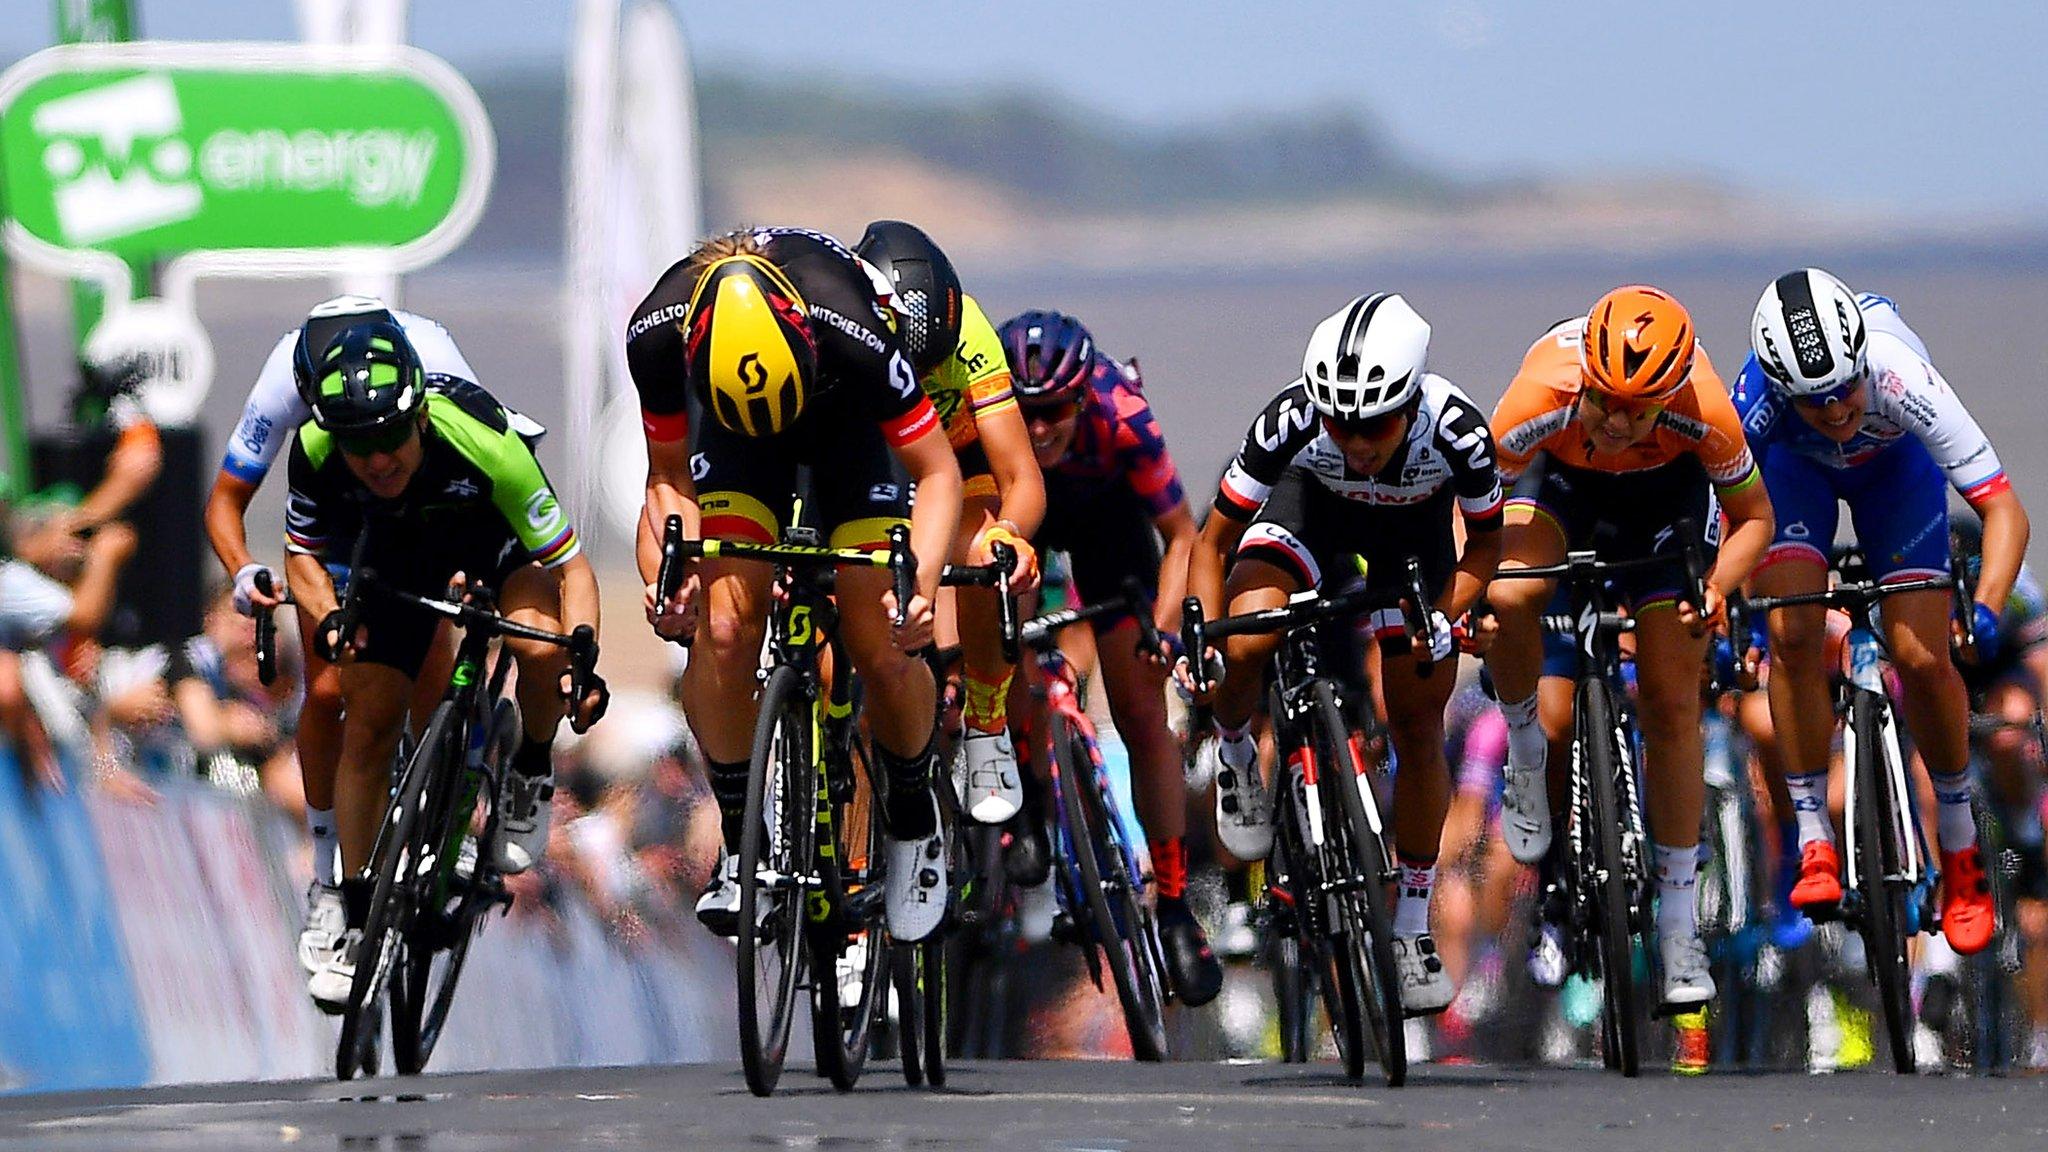 Women's Tour: Suffolk to host start